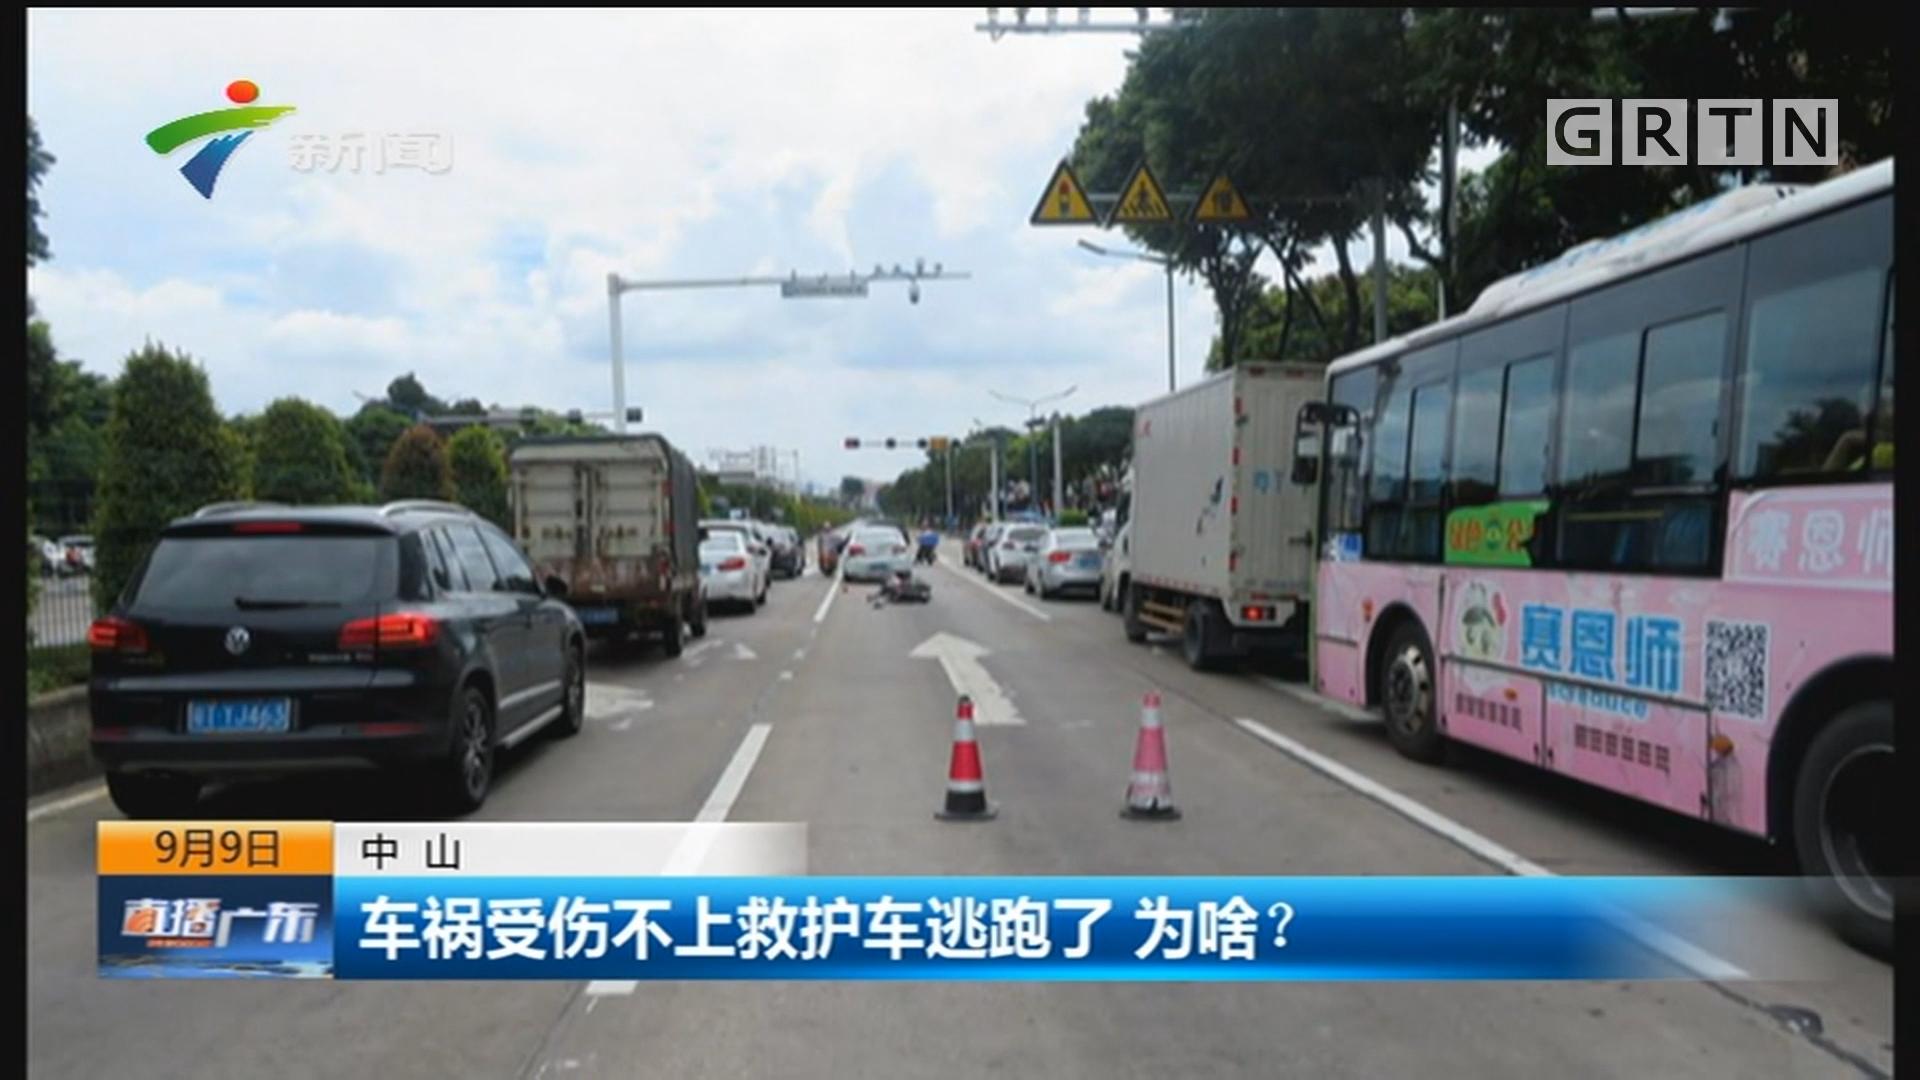 中山:车祸受伤不上救护车逃跑了 为啥?